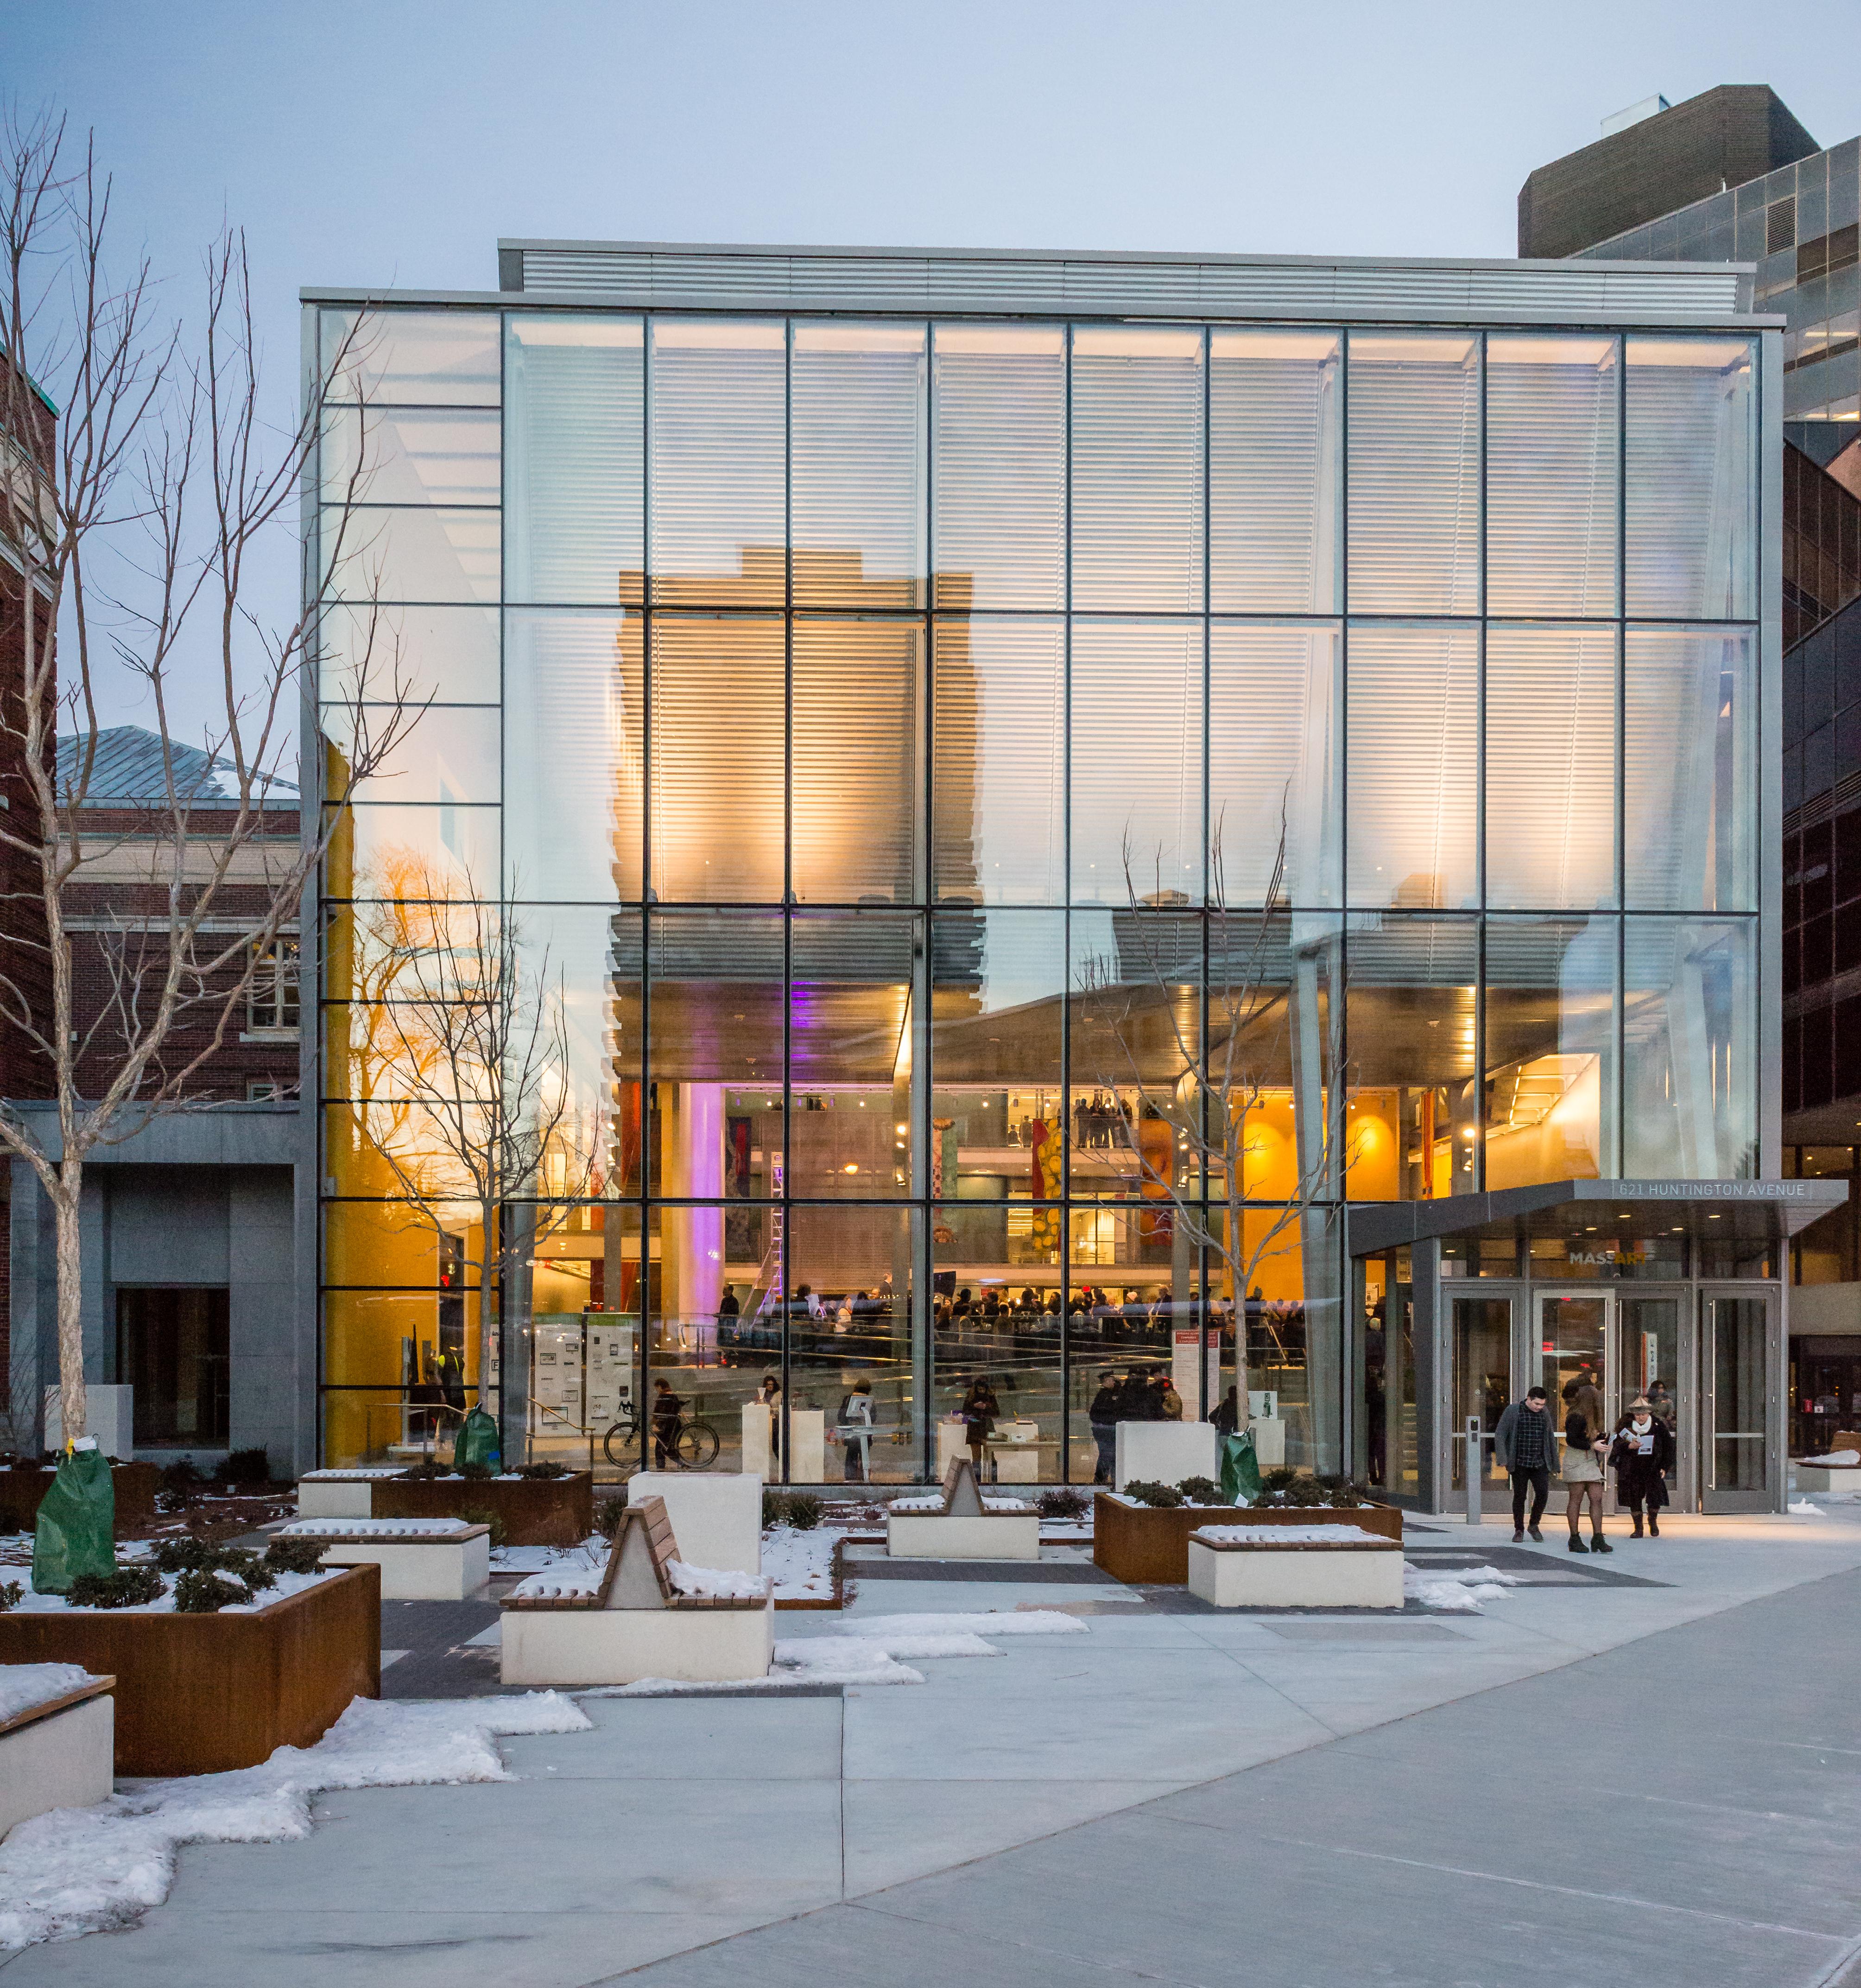 MassArt Design + Media Center